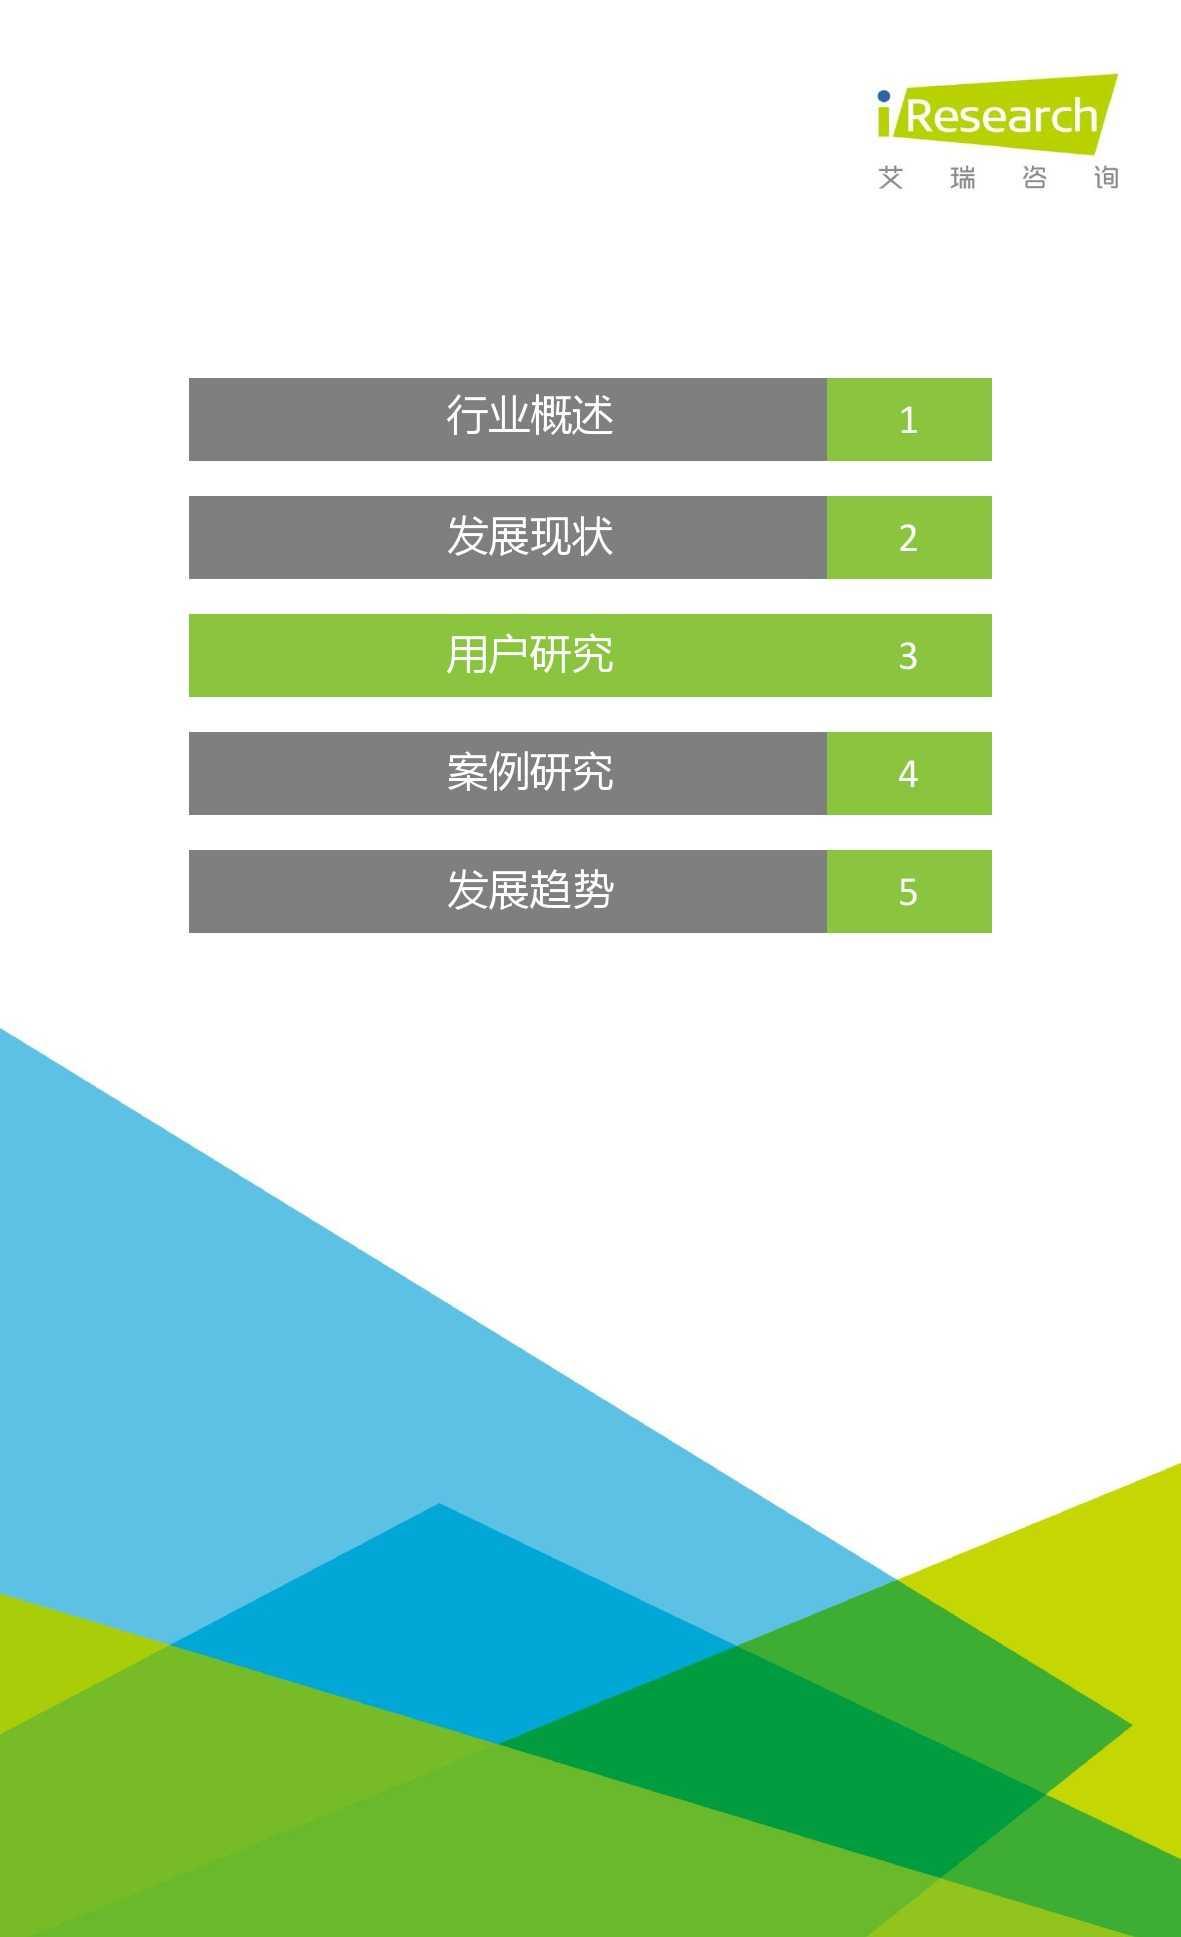 2015年中国生活理财移动App行业研究报告_000021